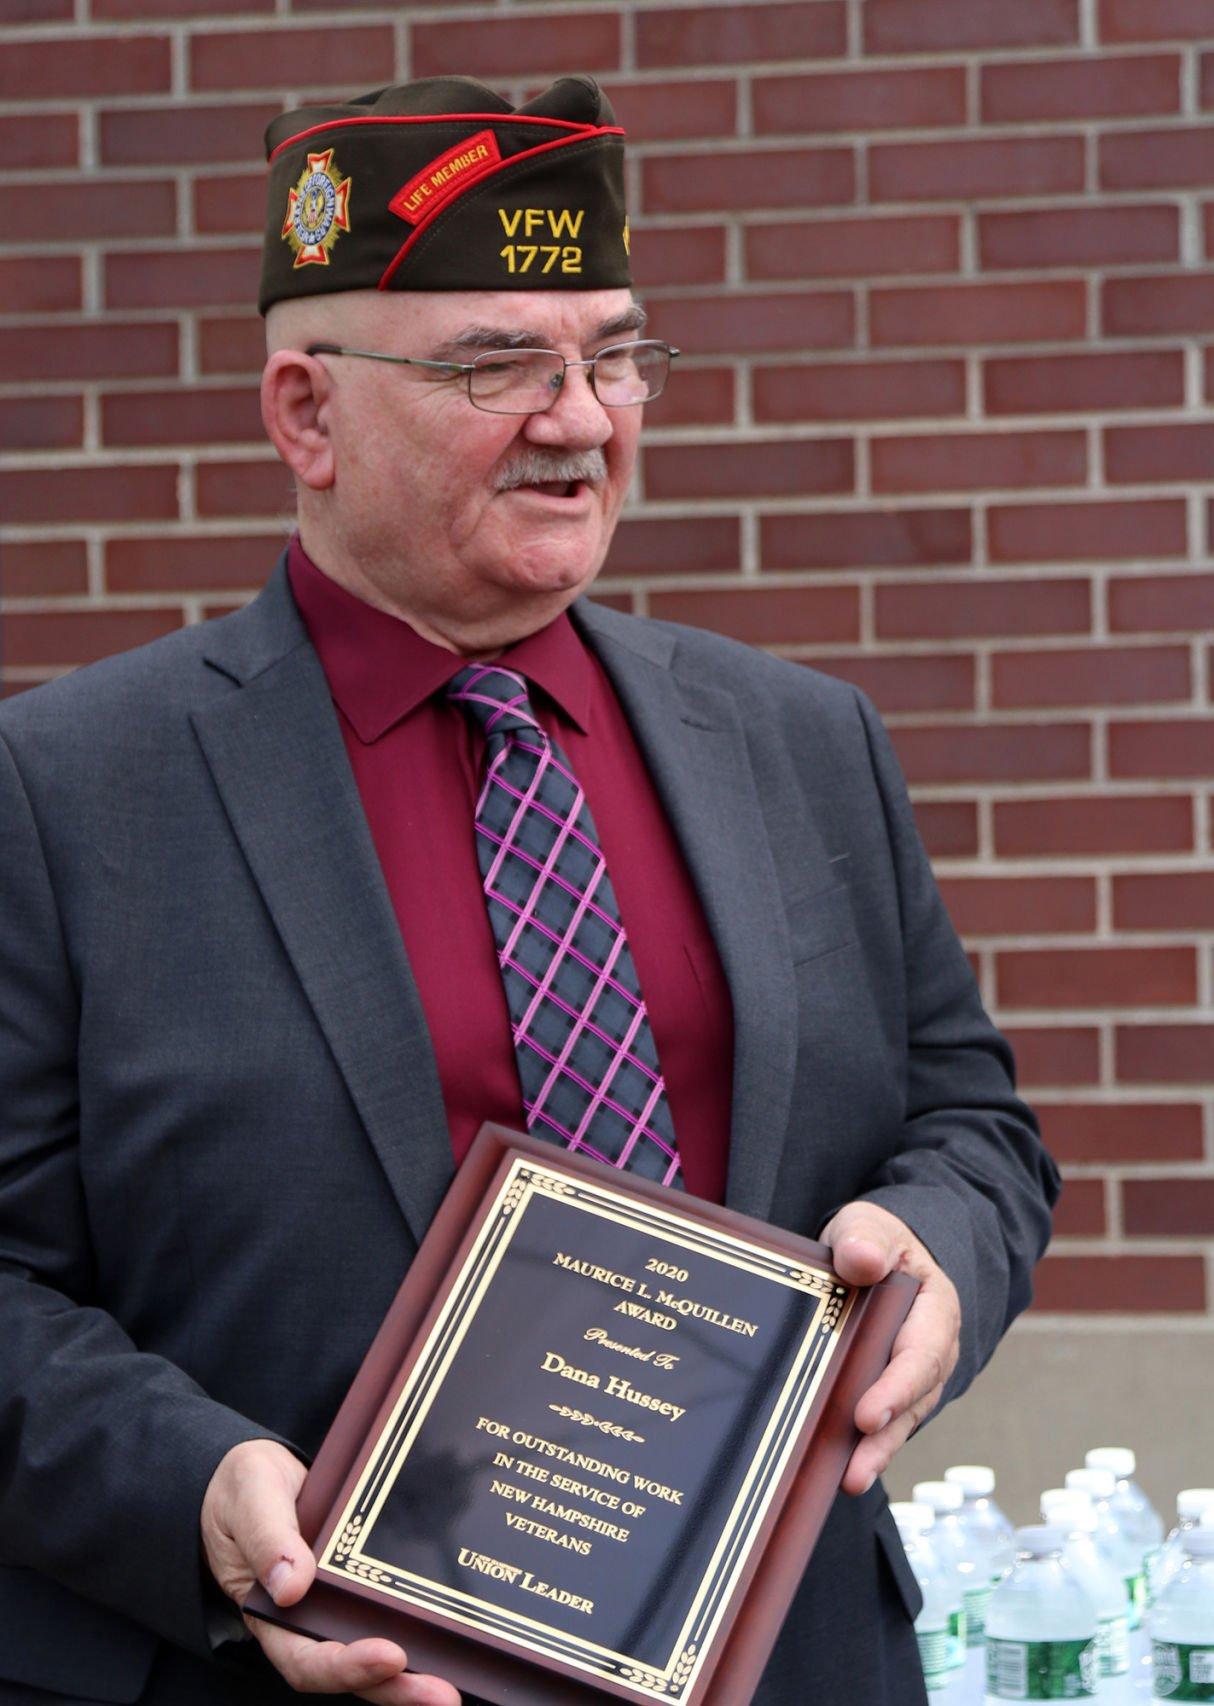 Maurice L. McQuillen Award